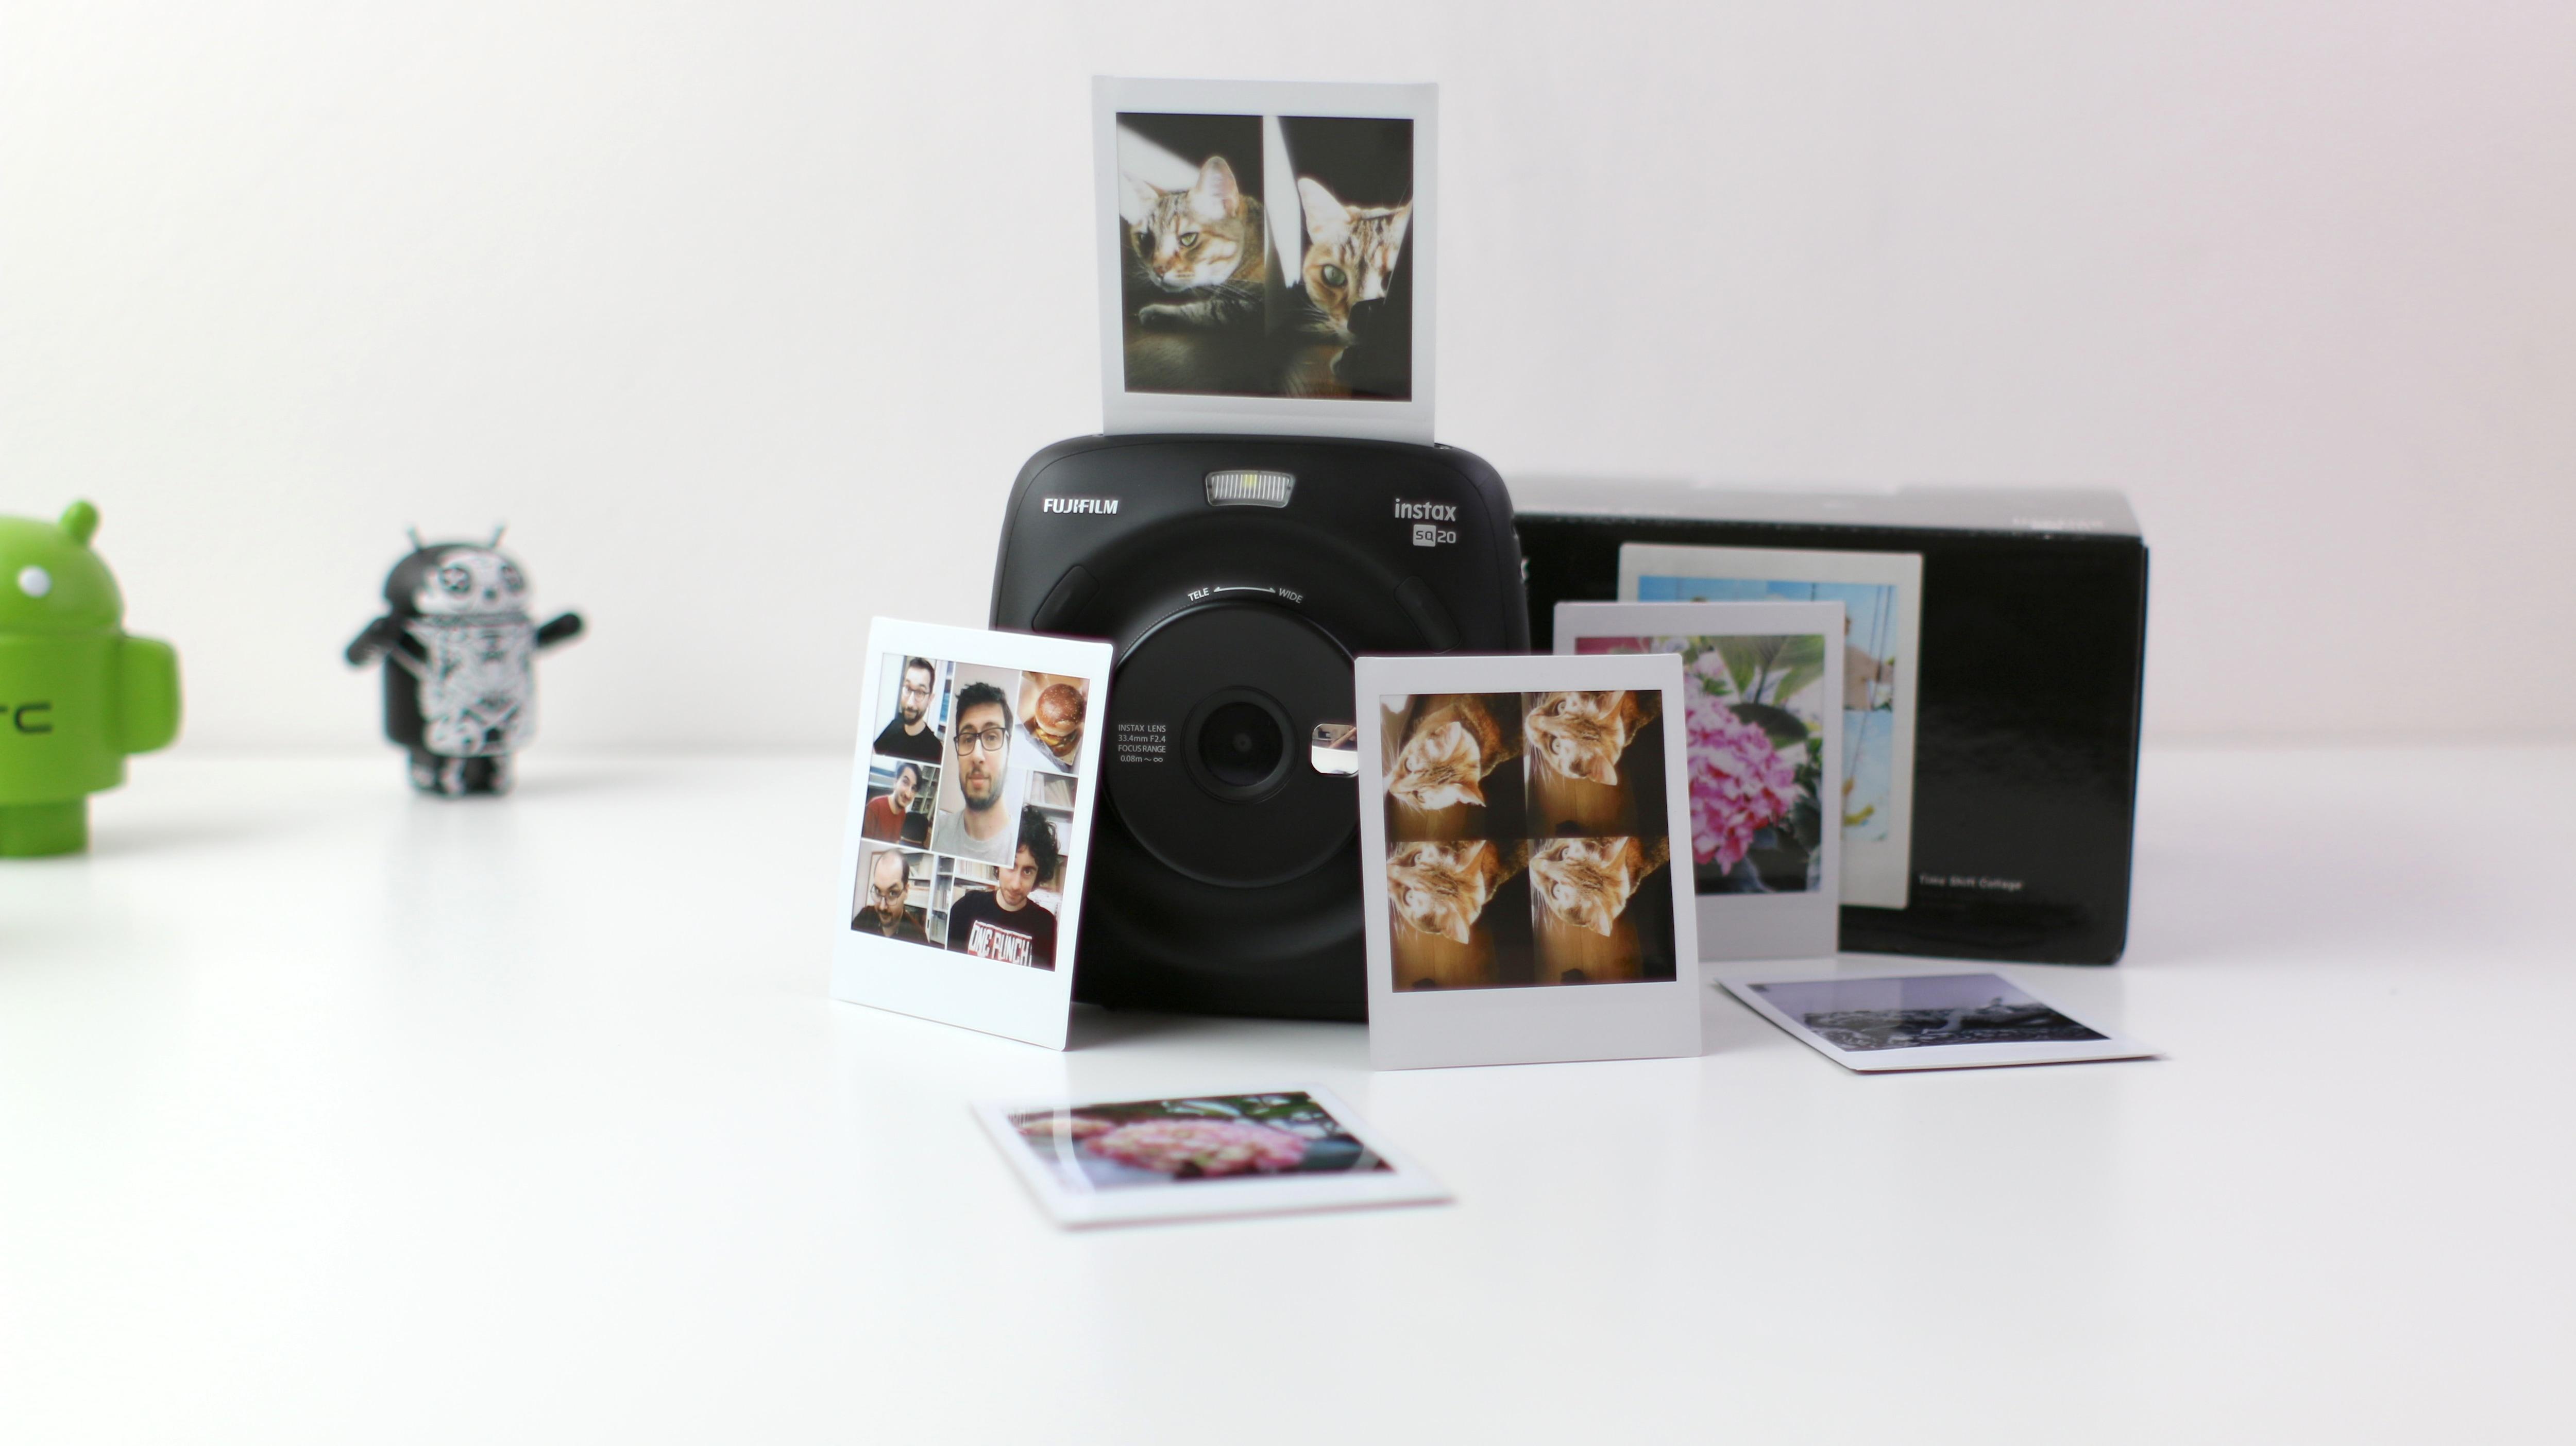 Fujifilm Instax SQ20 – 8